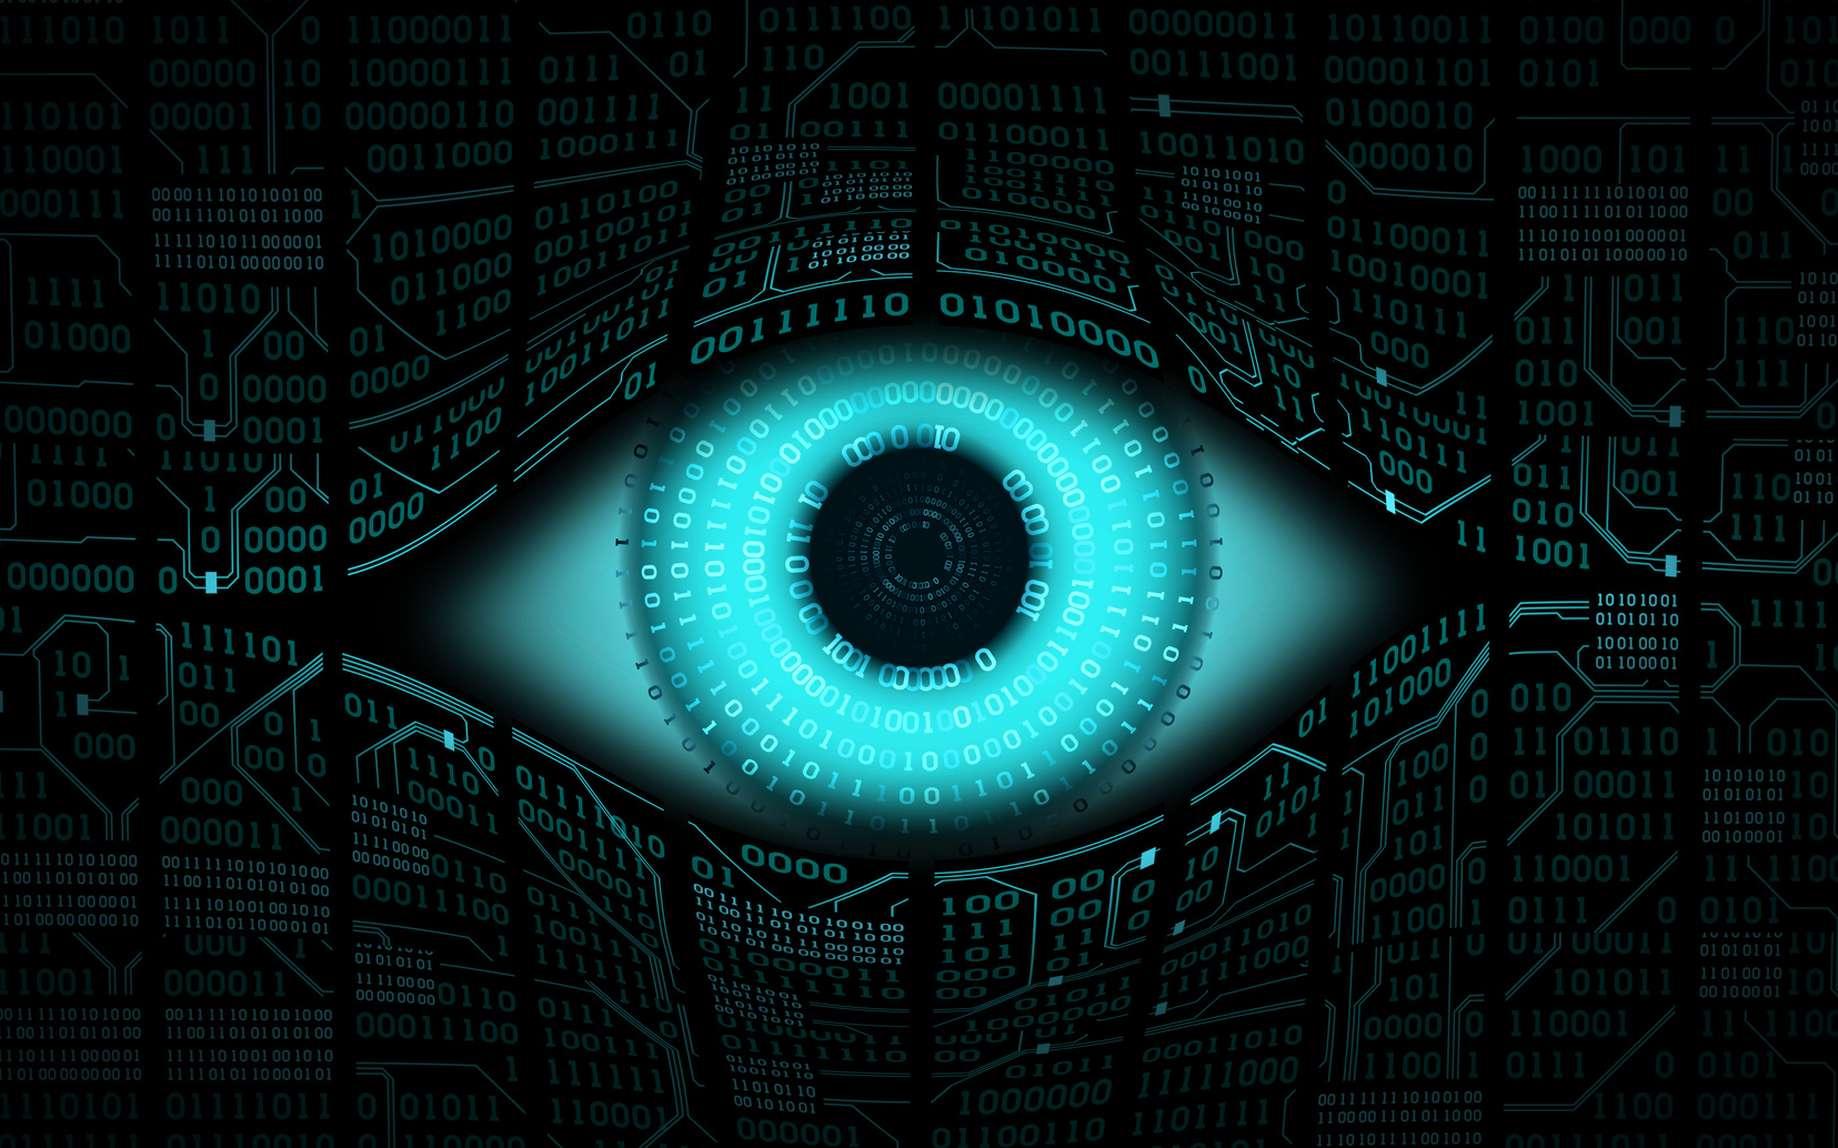 En Chine, la mise en œuvre de techniques de surveillance de masse est une réalité largement assumée par les autorités. © valerybrozhinsky, Fotolia